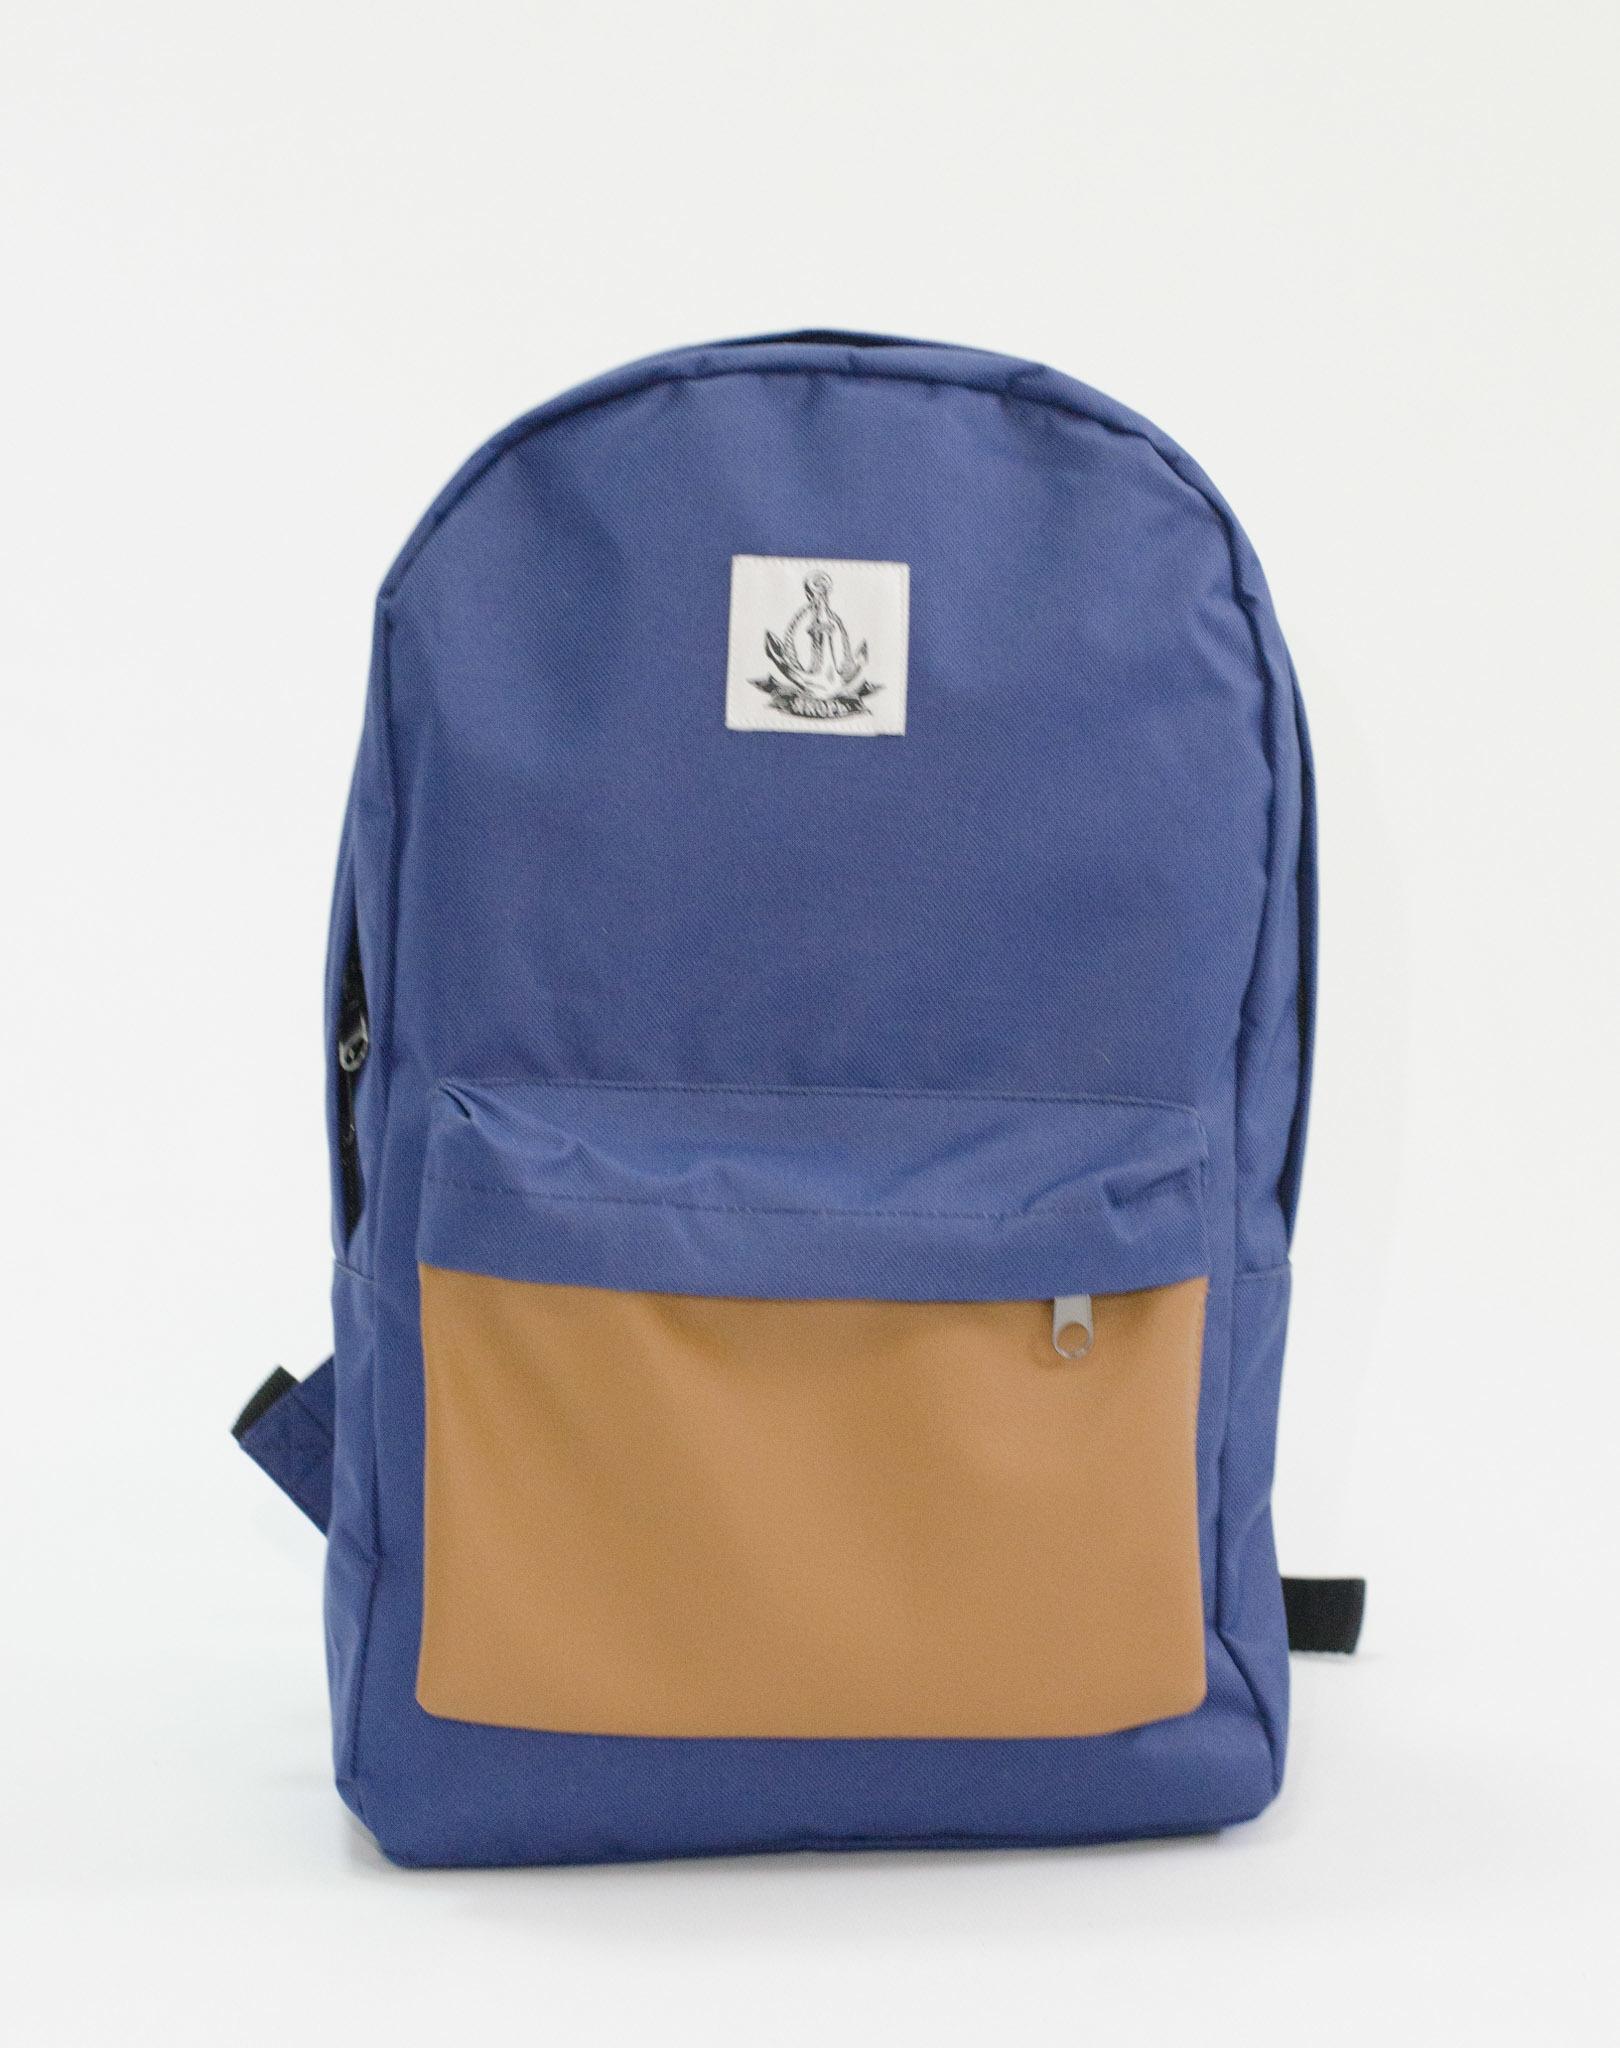 Рюкзак ЯКОРЬ Плот II ранга Темно-синий / бежевый кожзам кармана